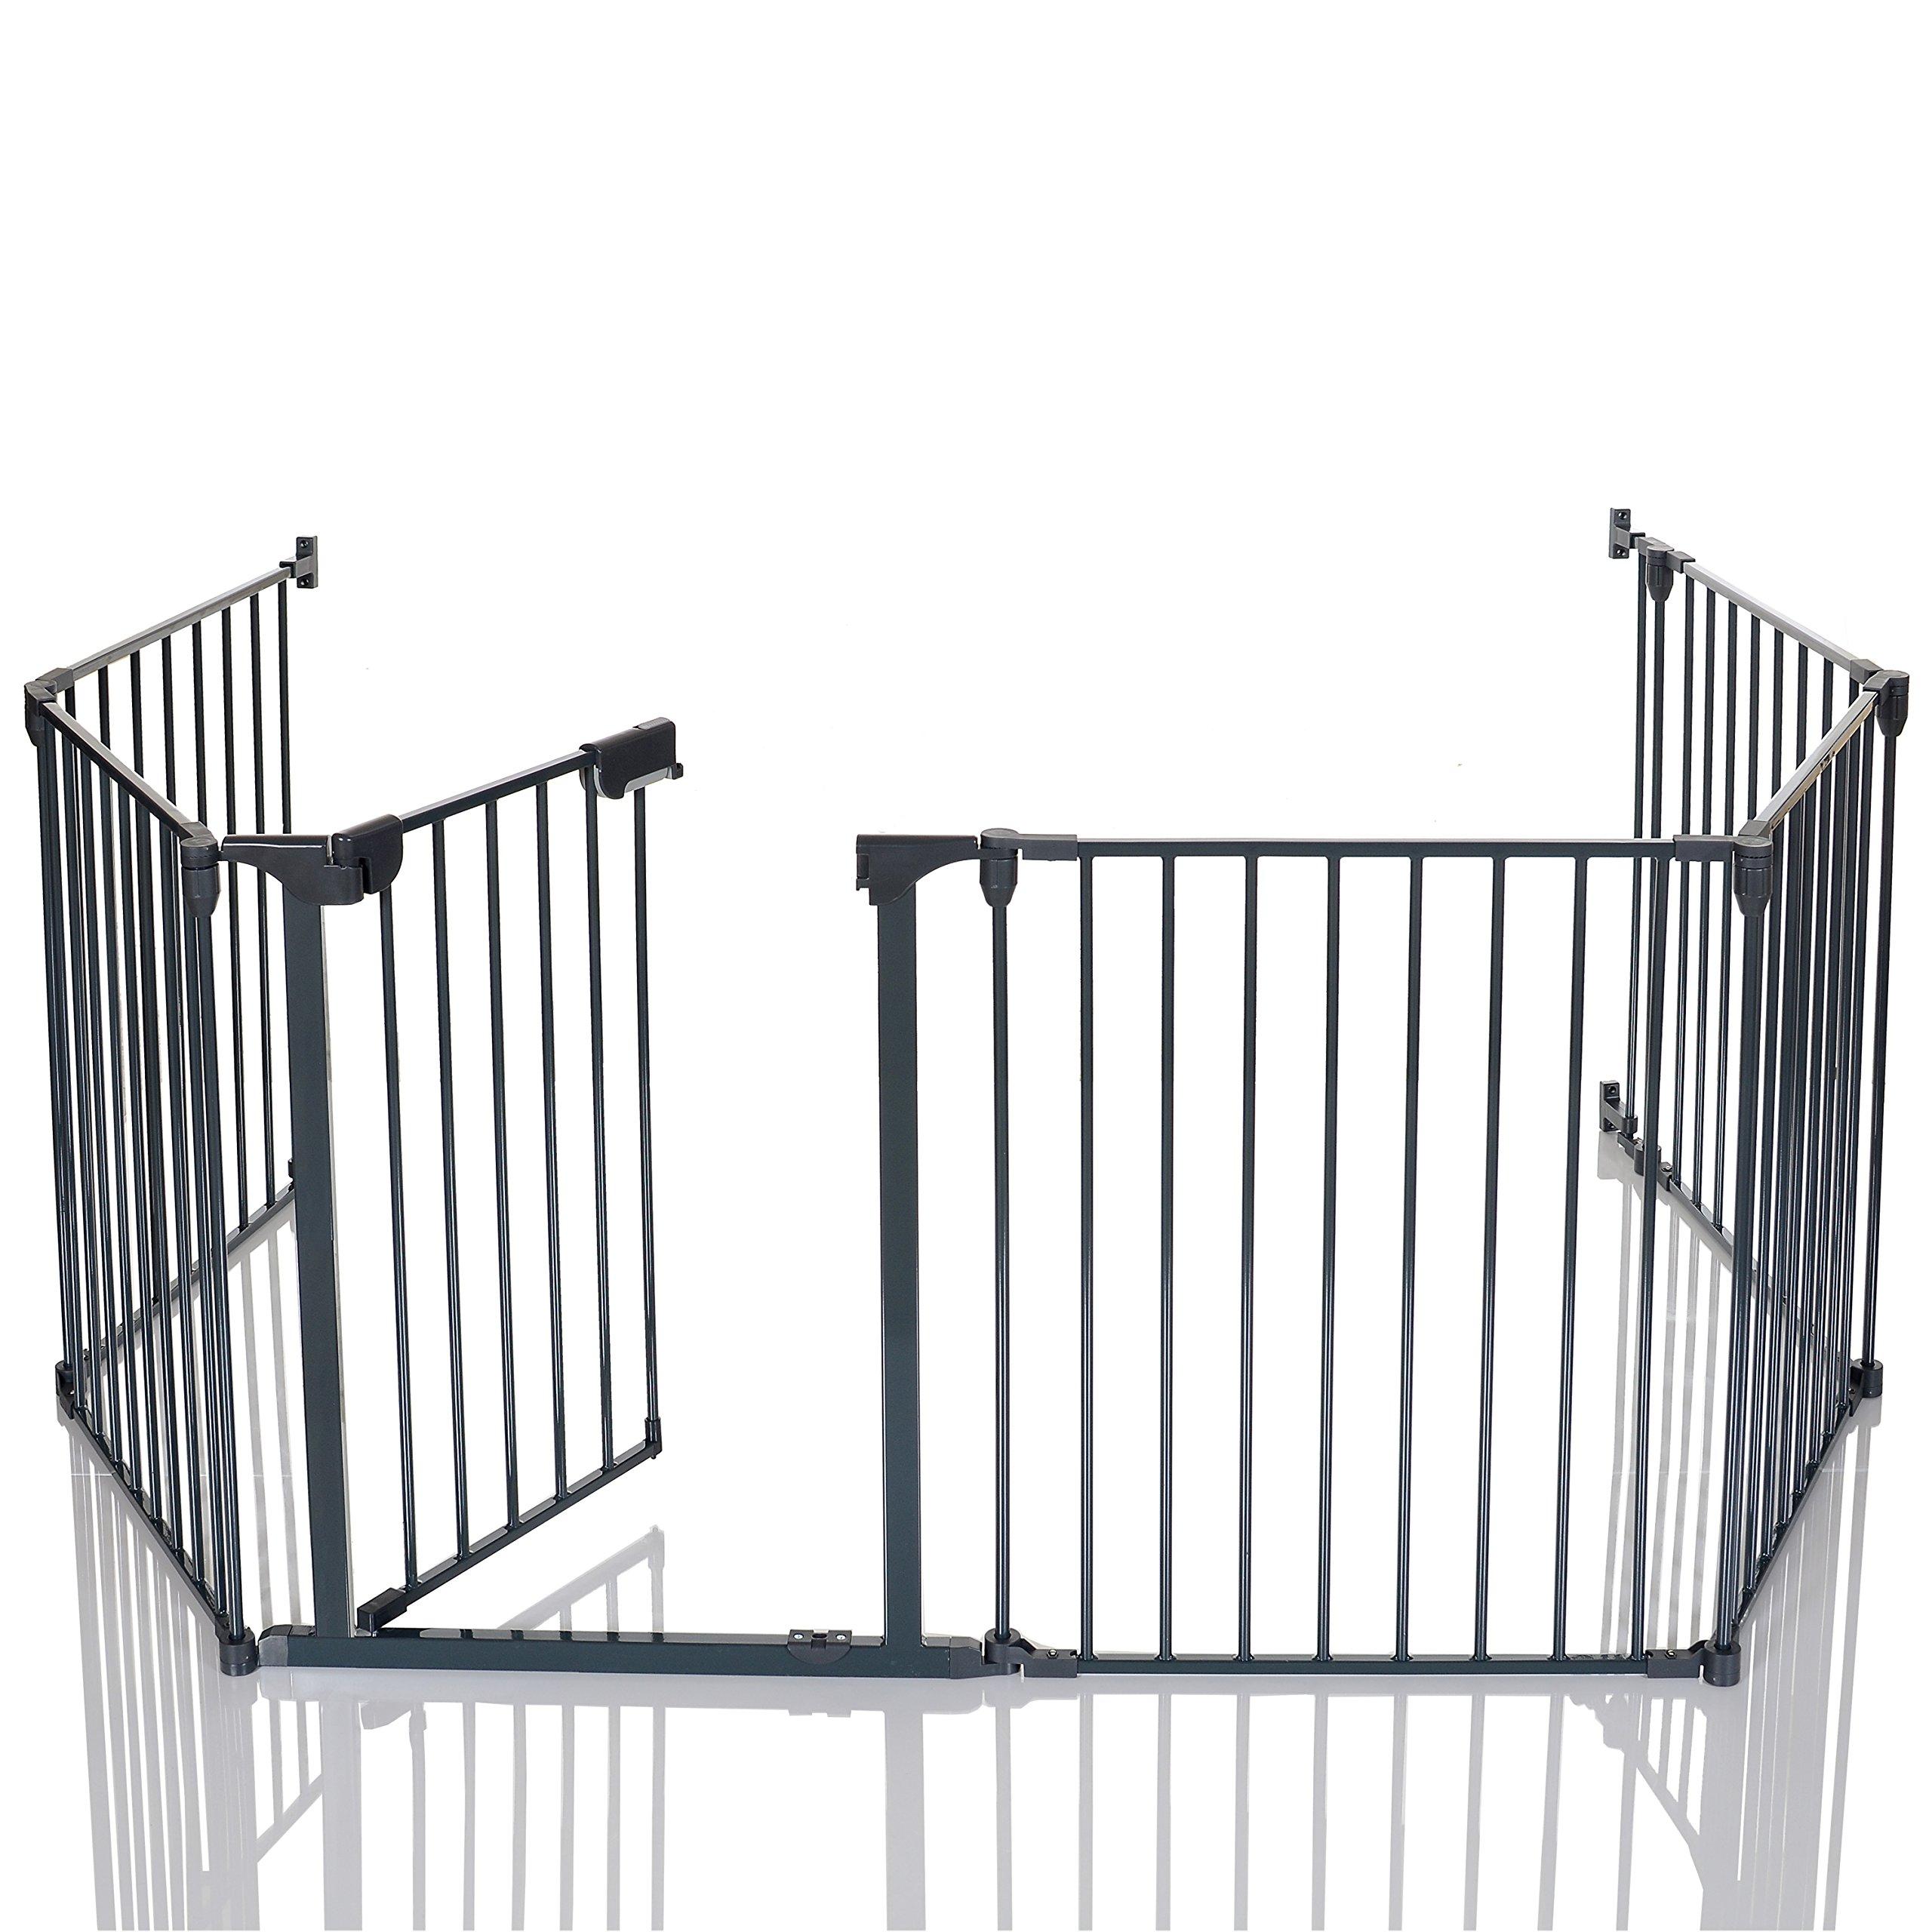 Top Barrieres D Escaliers Et De Portes Selon Les Notes Amazon Fr